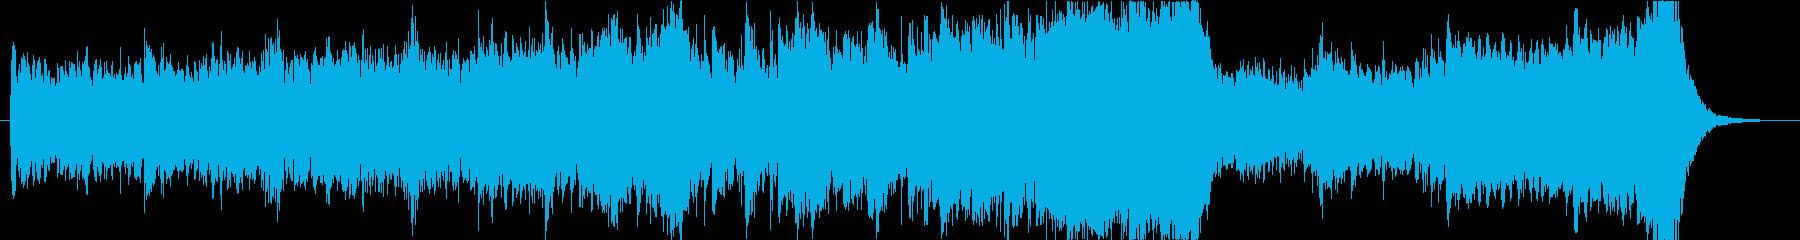 これから始まる何かを感じさせる壮大な曲の再生済みの波形